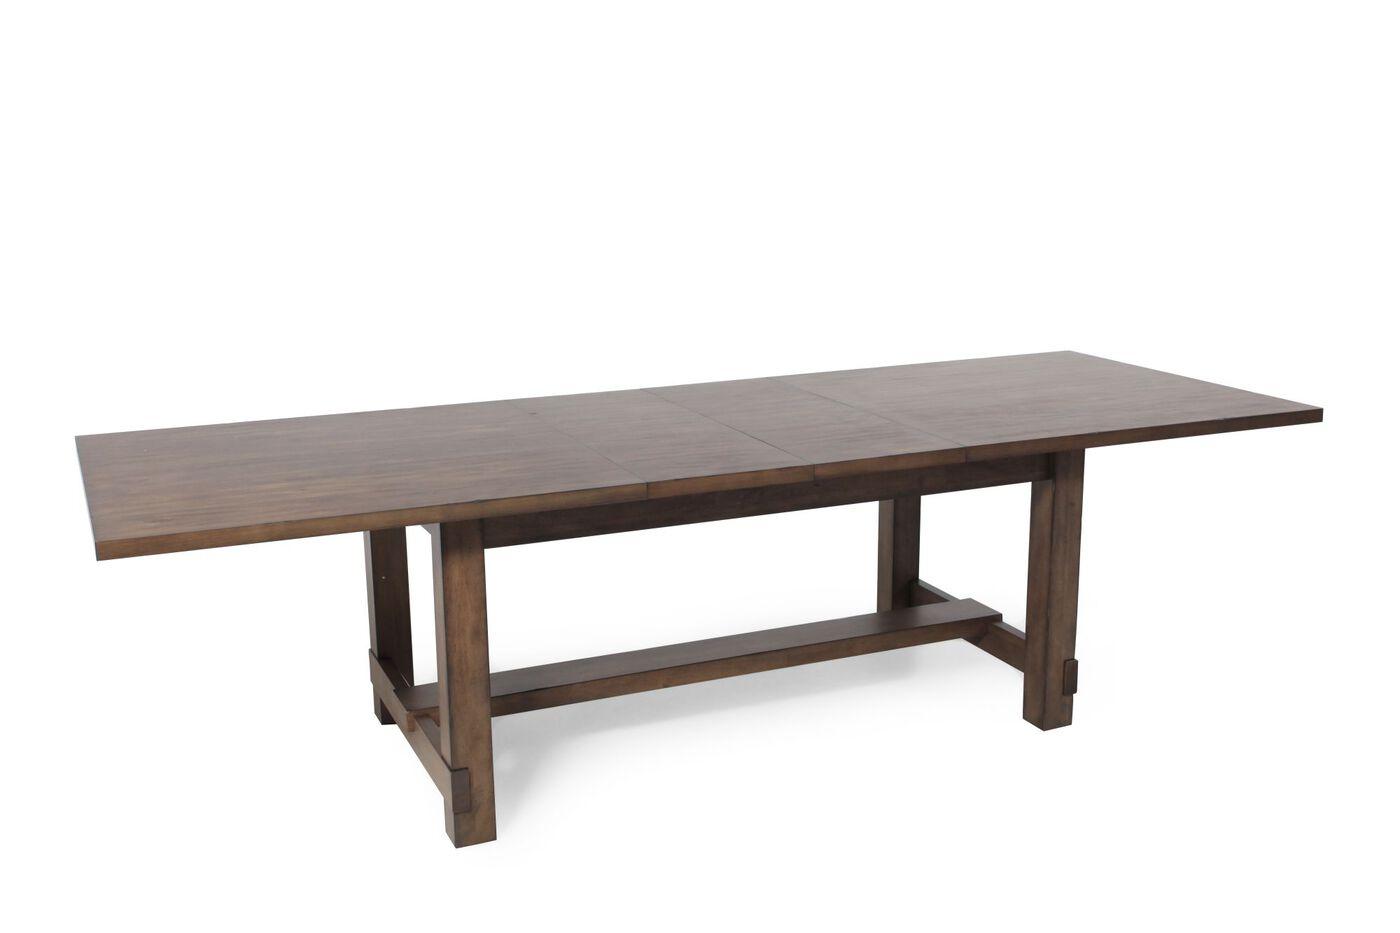 magnussen home karlin dining table - Magnussen Dining Room Furniture